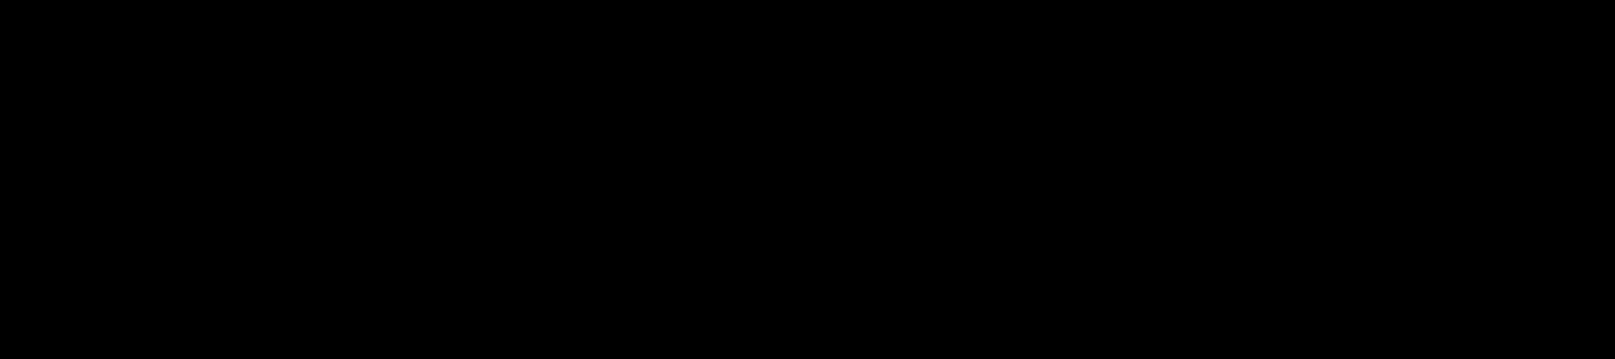 Roland Penrose signature image